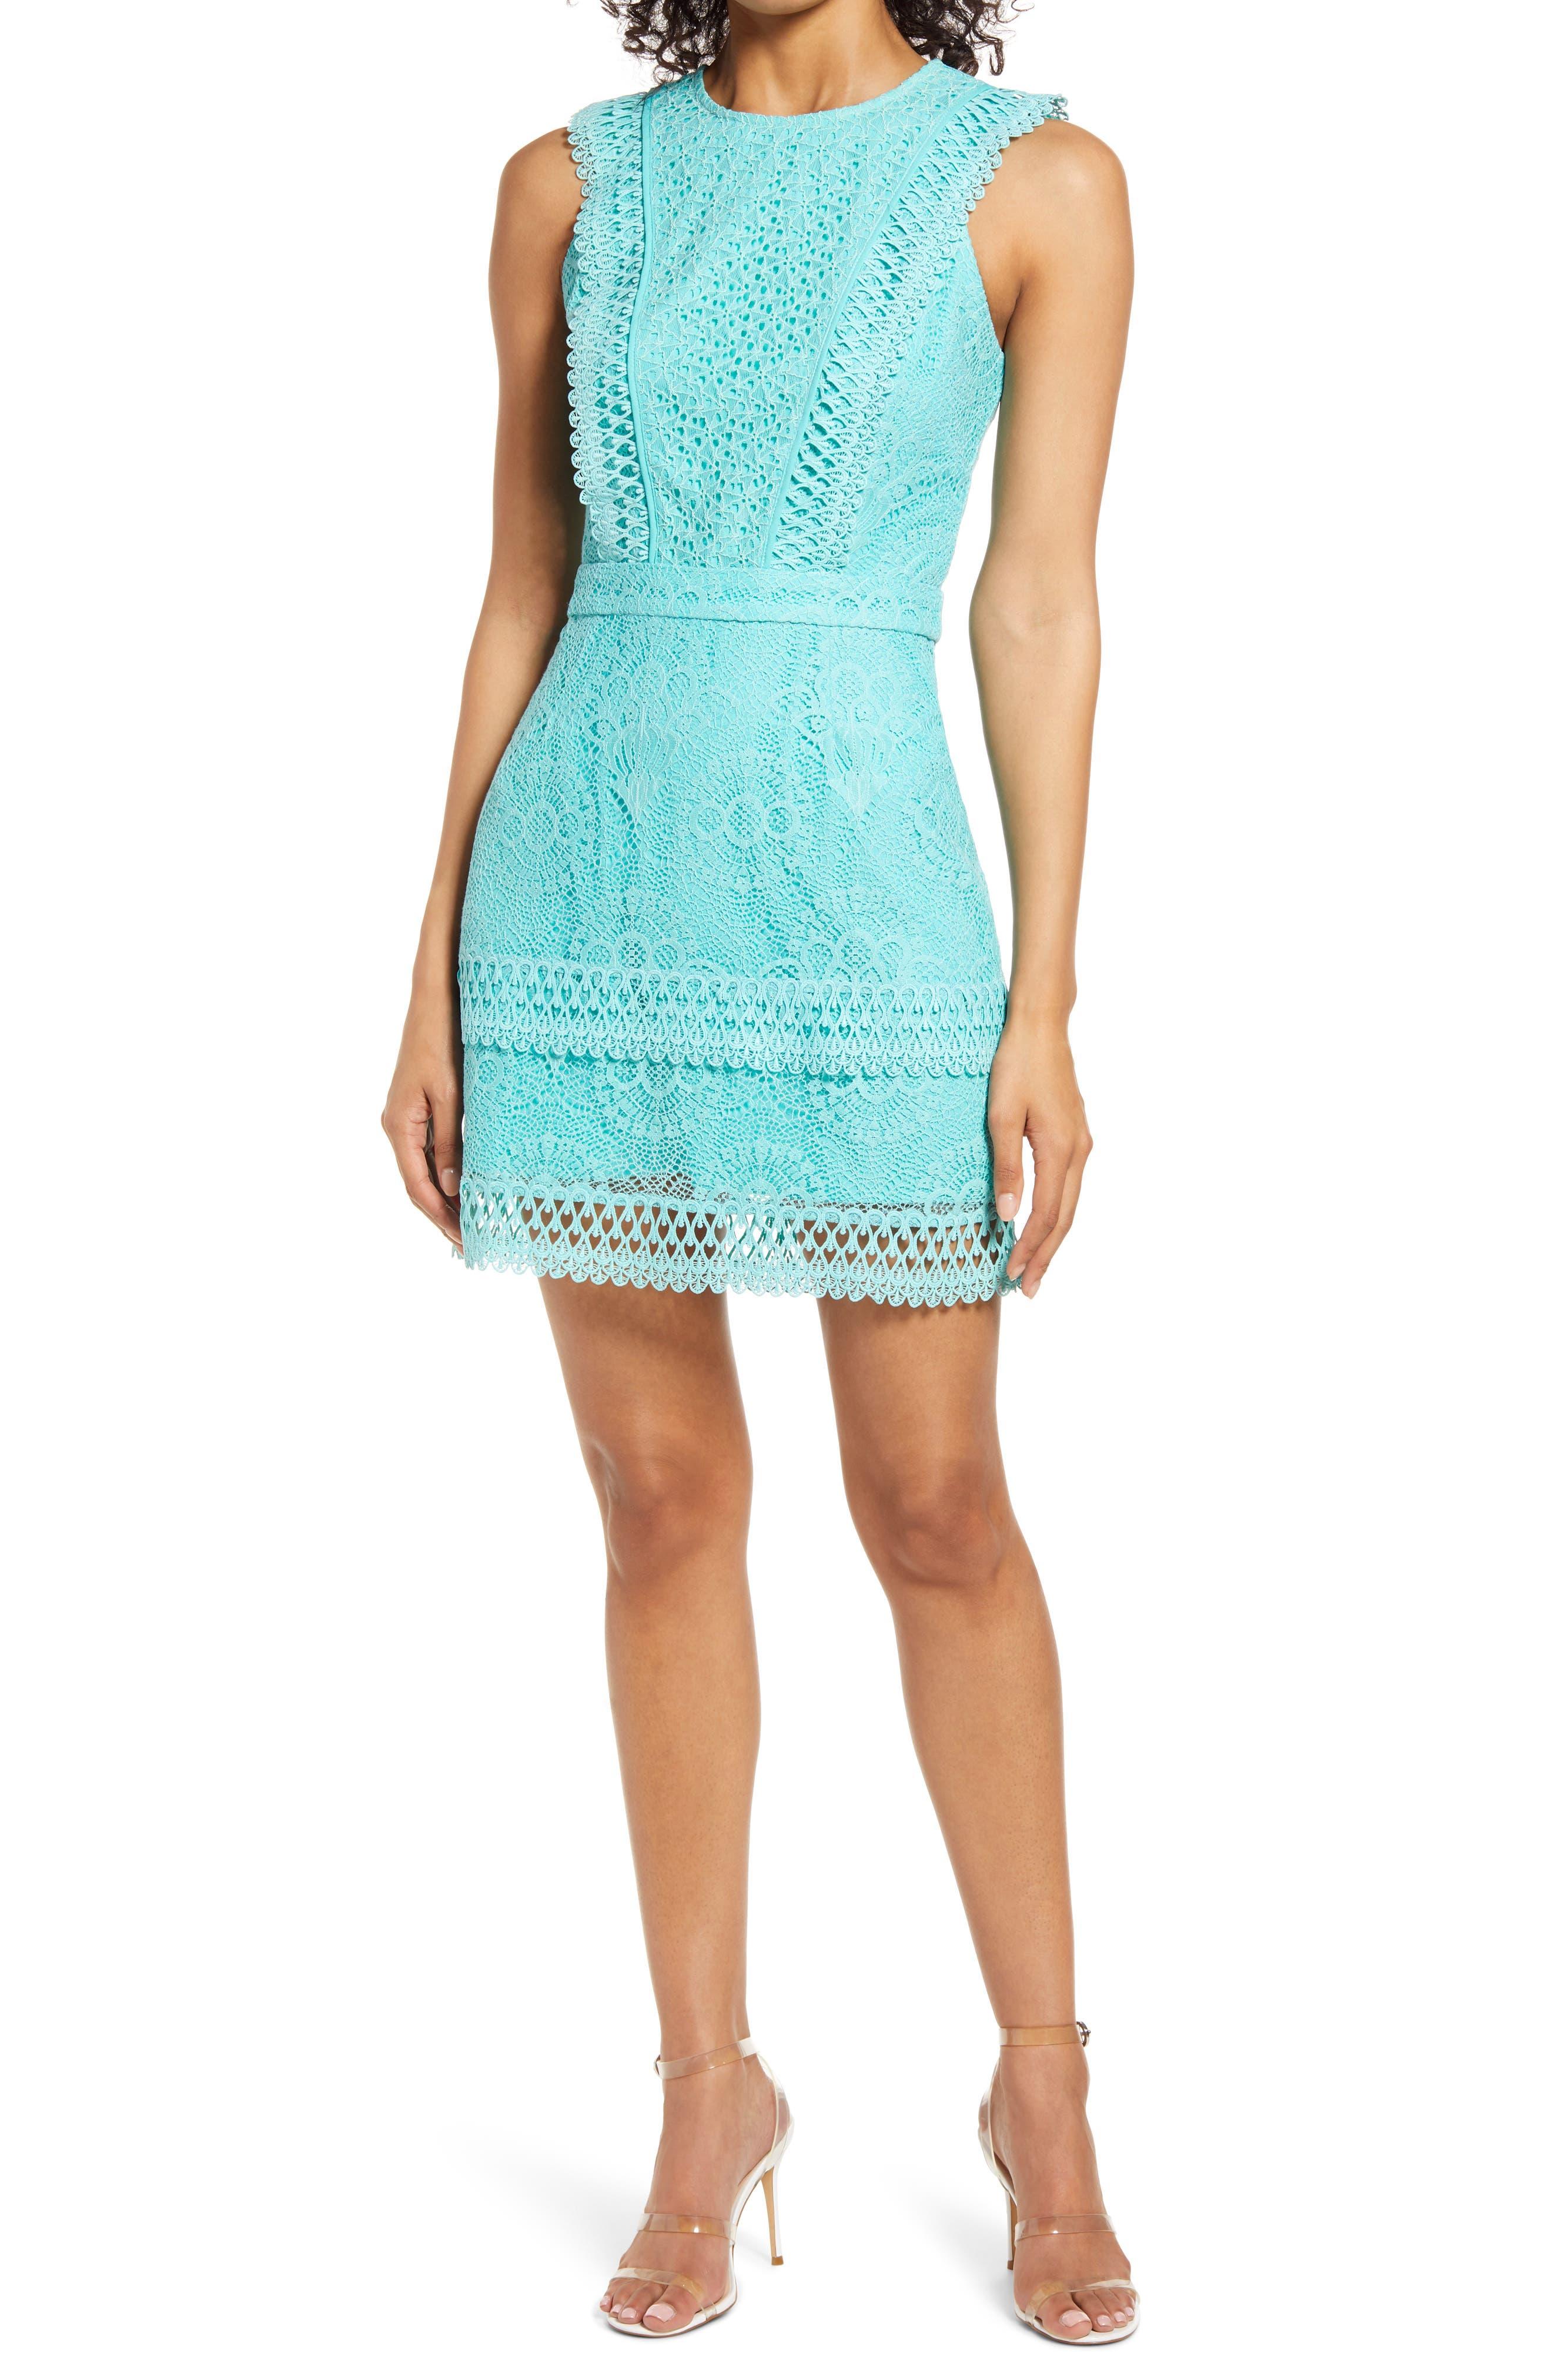 Shayna Mixed Lace Dress